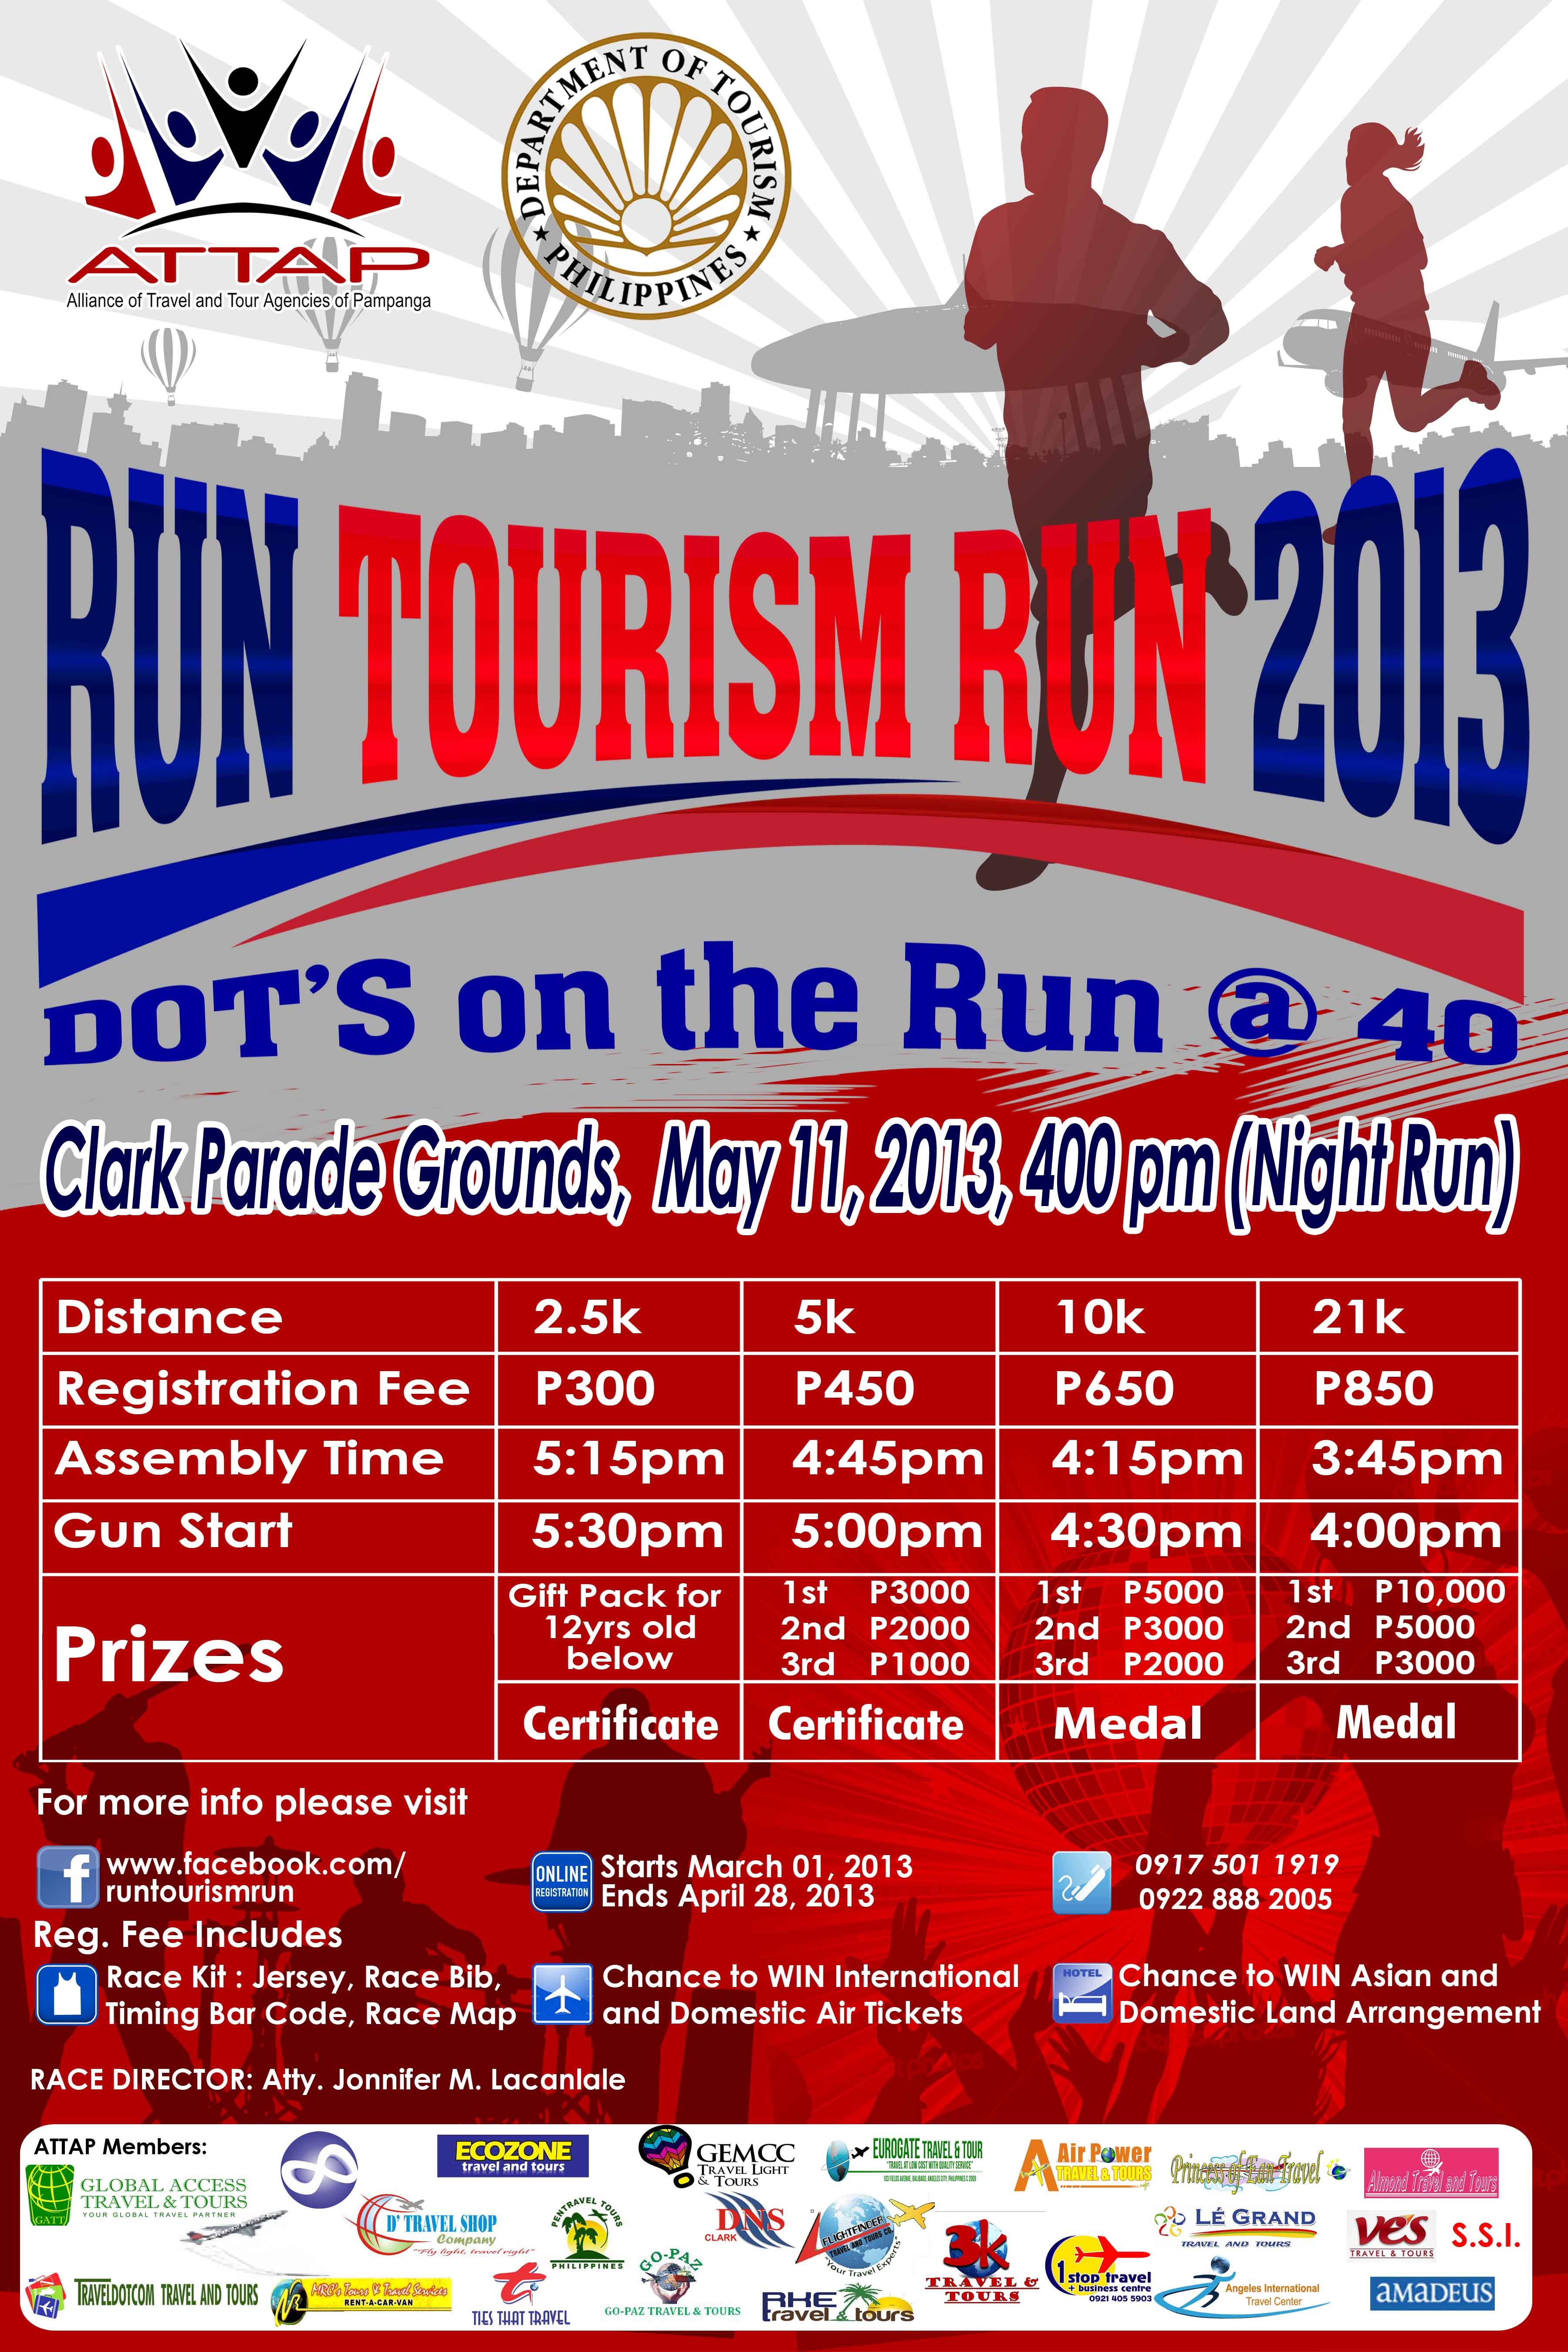 run-tourism-run-2013-poster